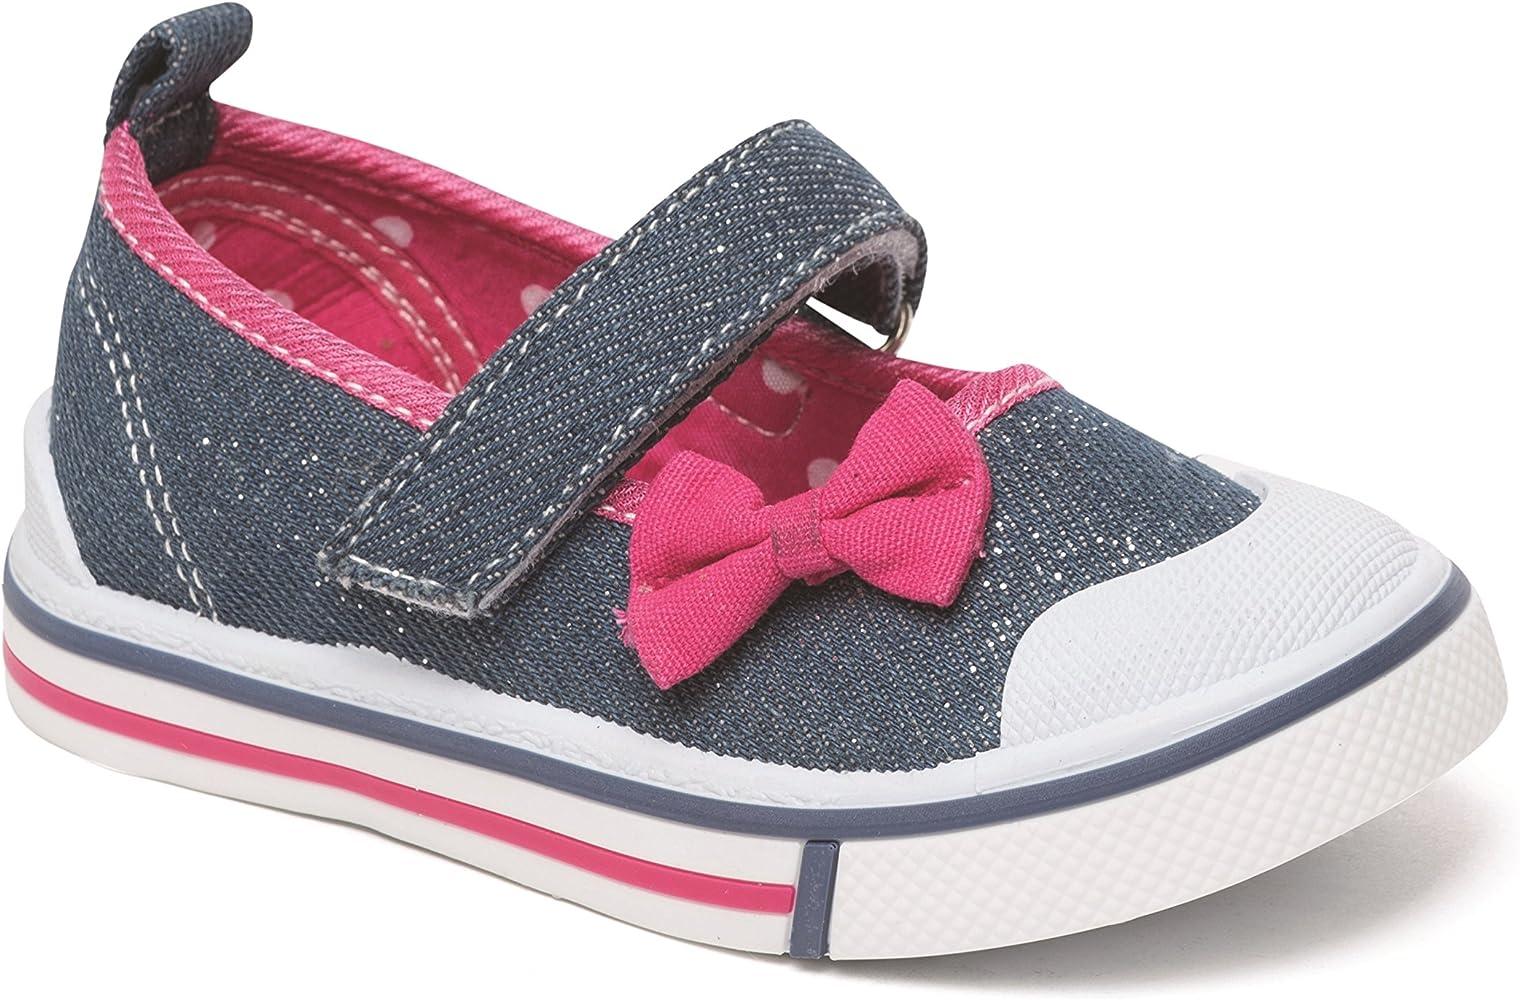 Zapatillas de Lona para Ni/ña CHATTERBOX